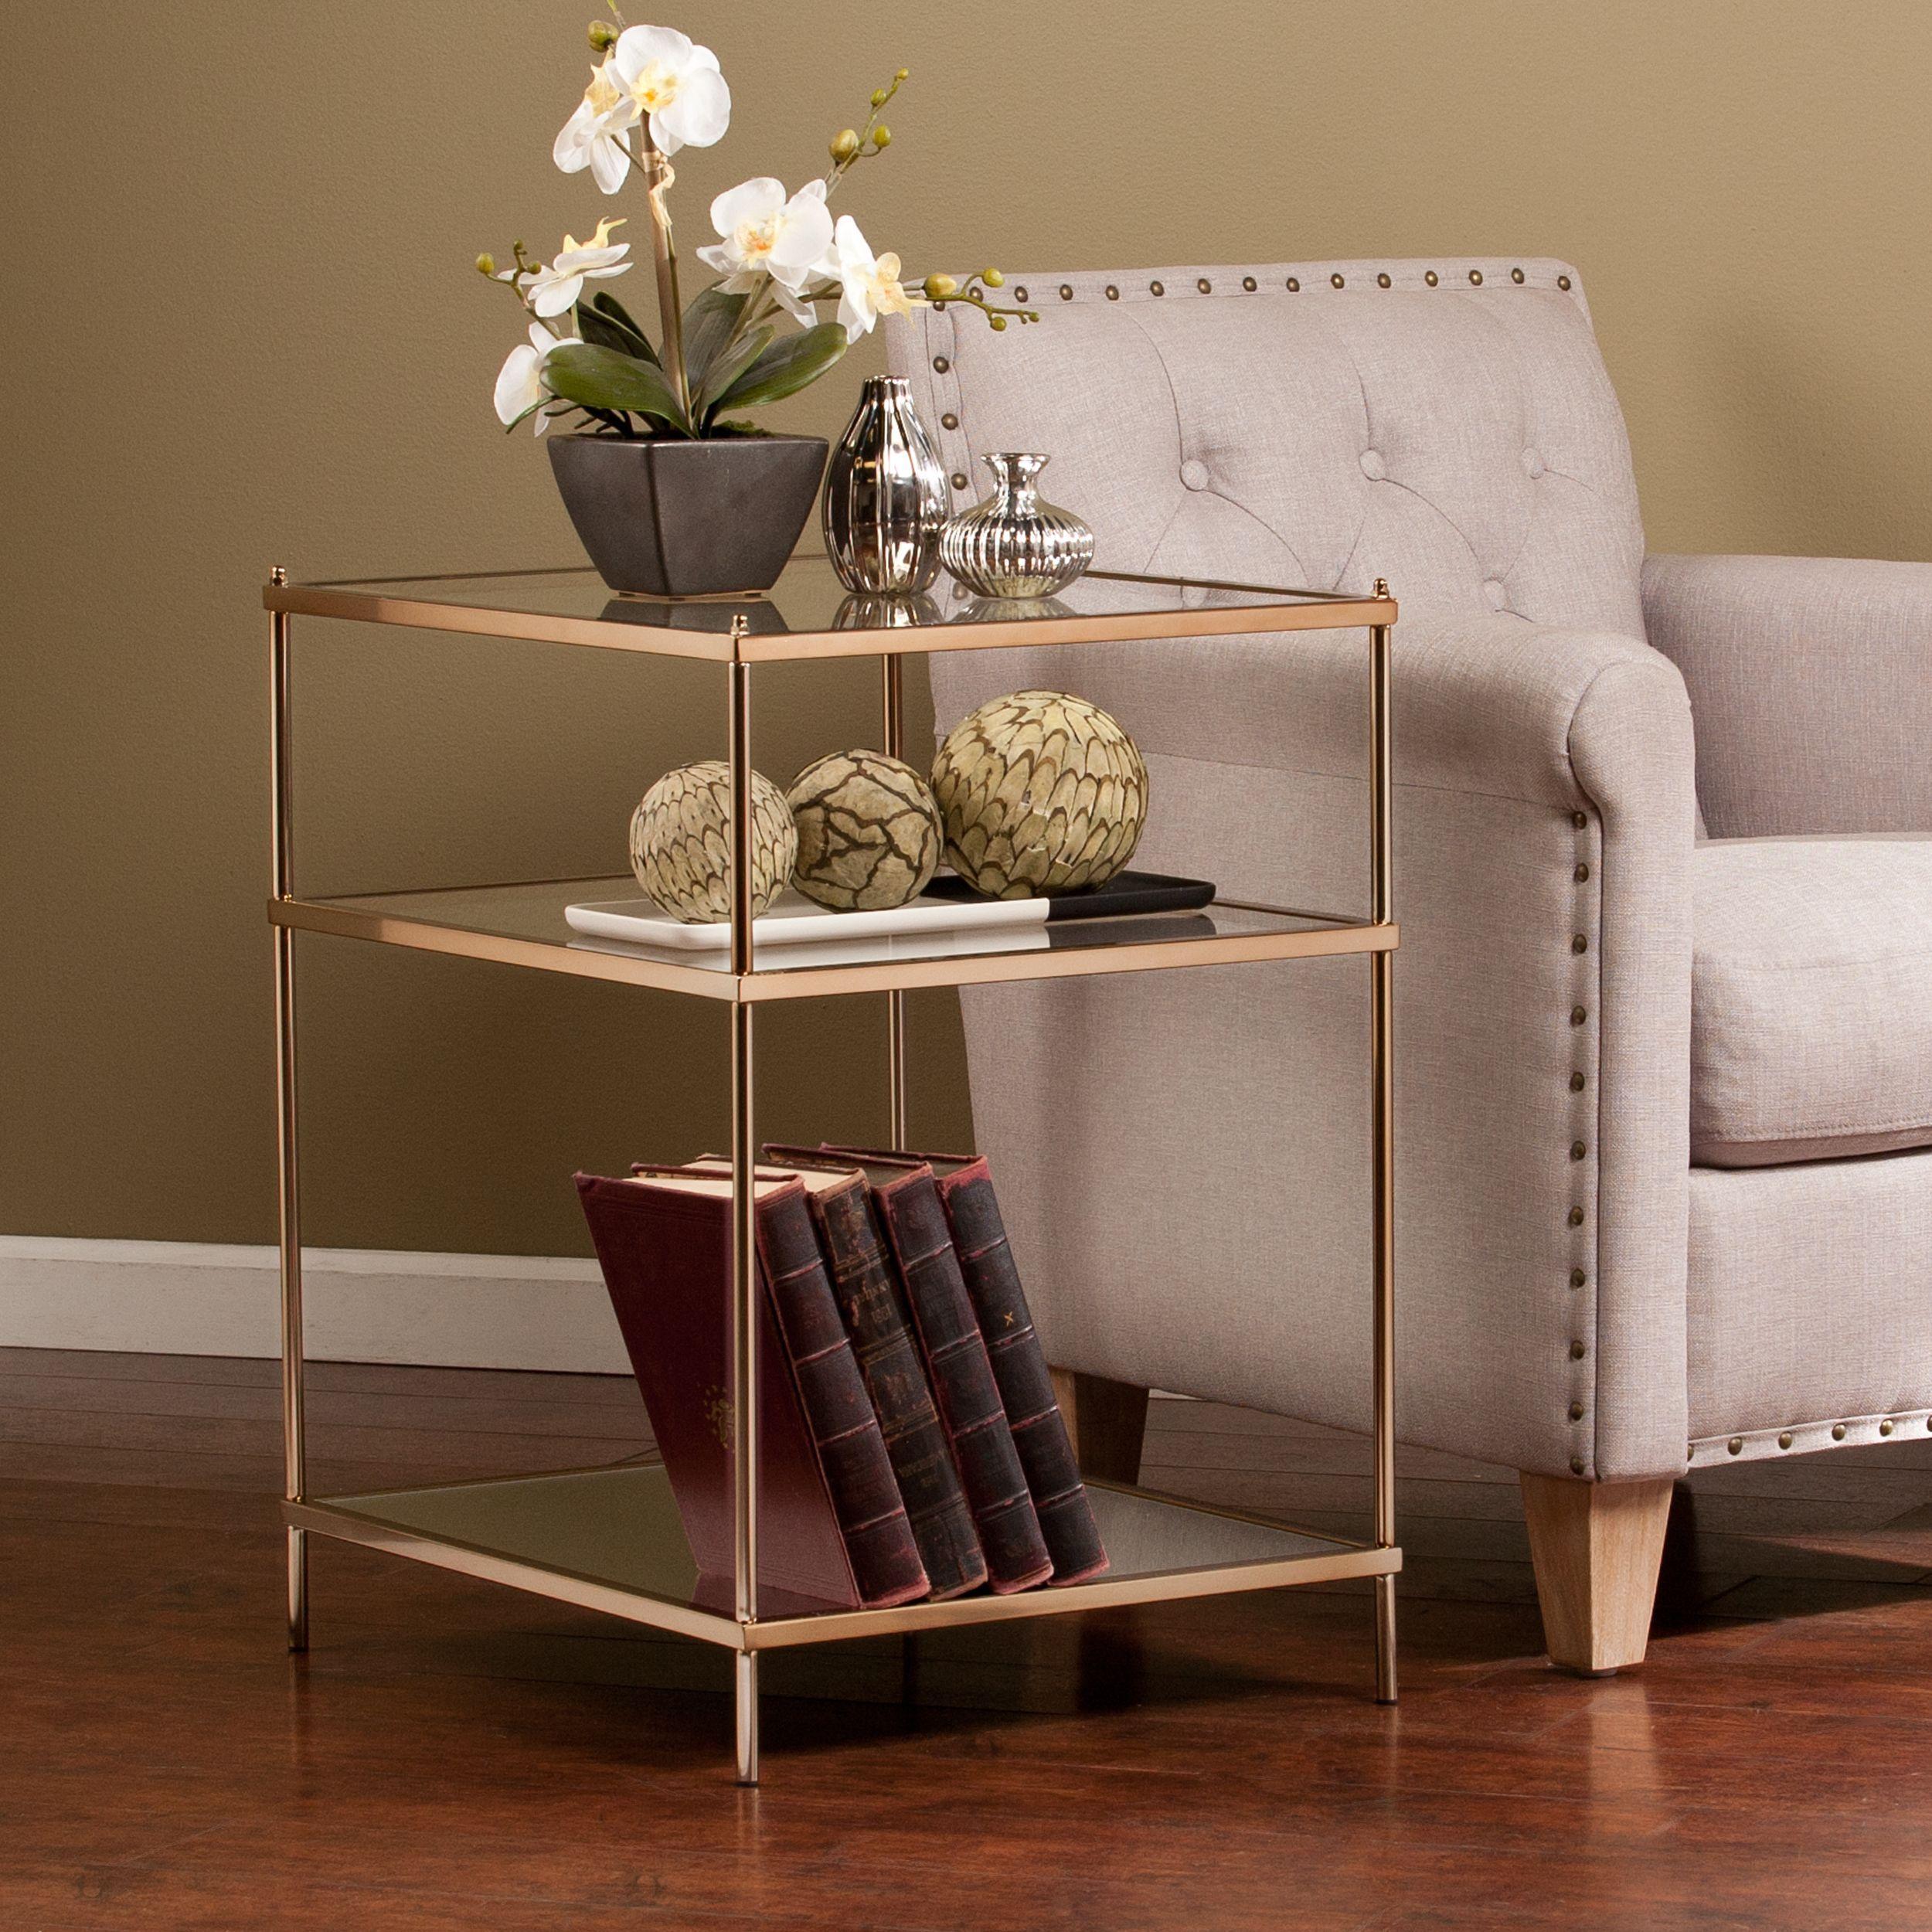 Overstock Living Room Sets Harper Blvd Jacana Side End Table By Harper Blvd Simple